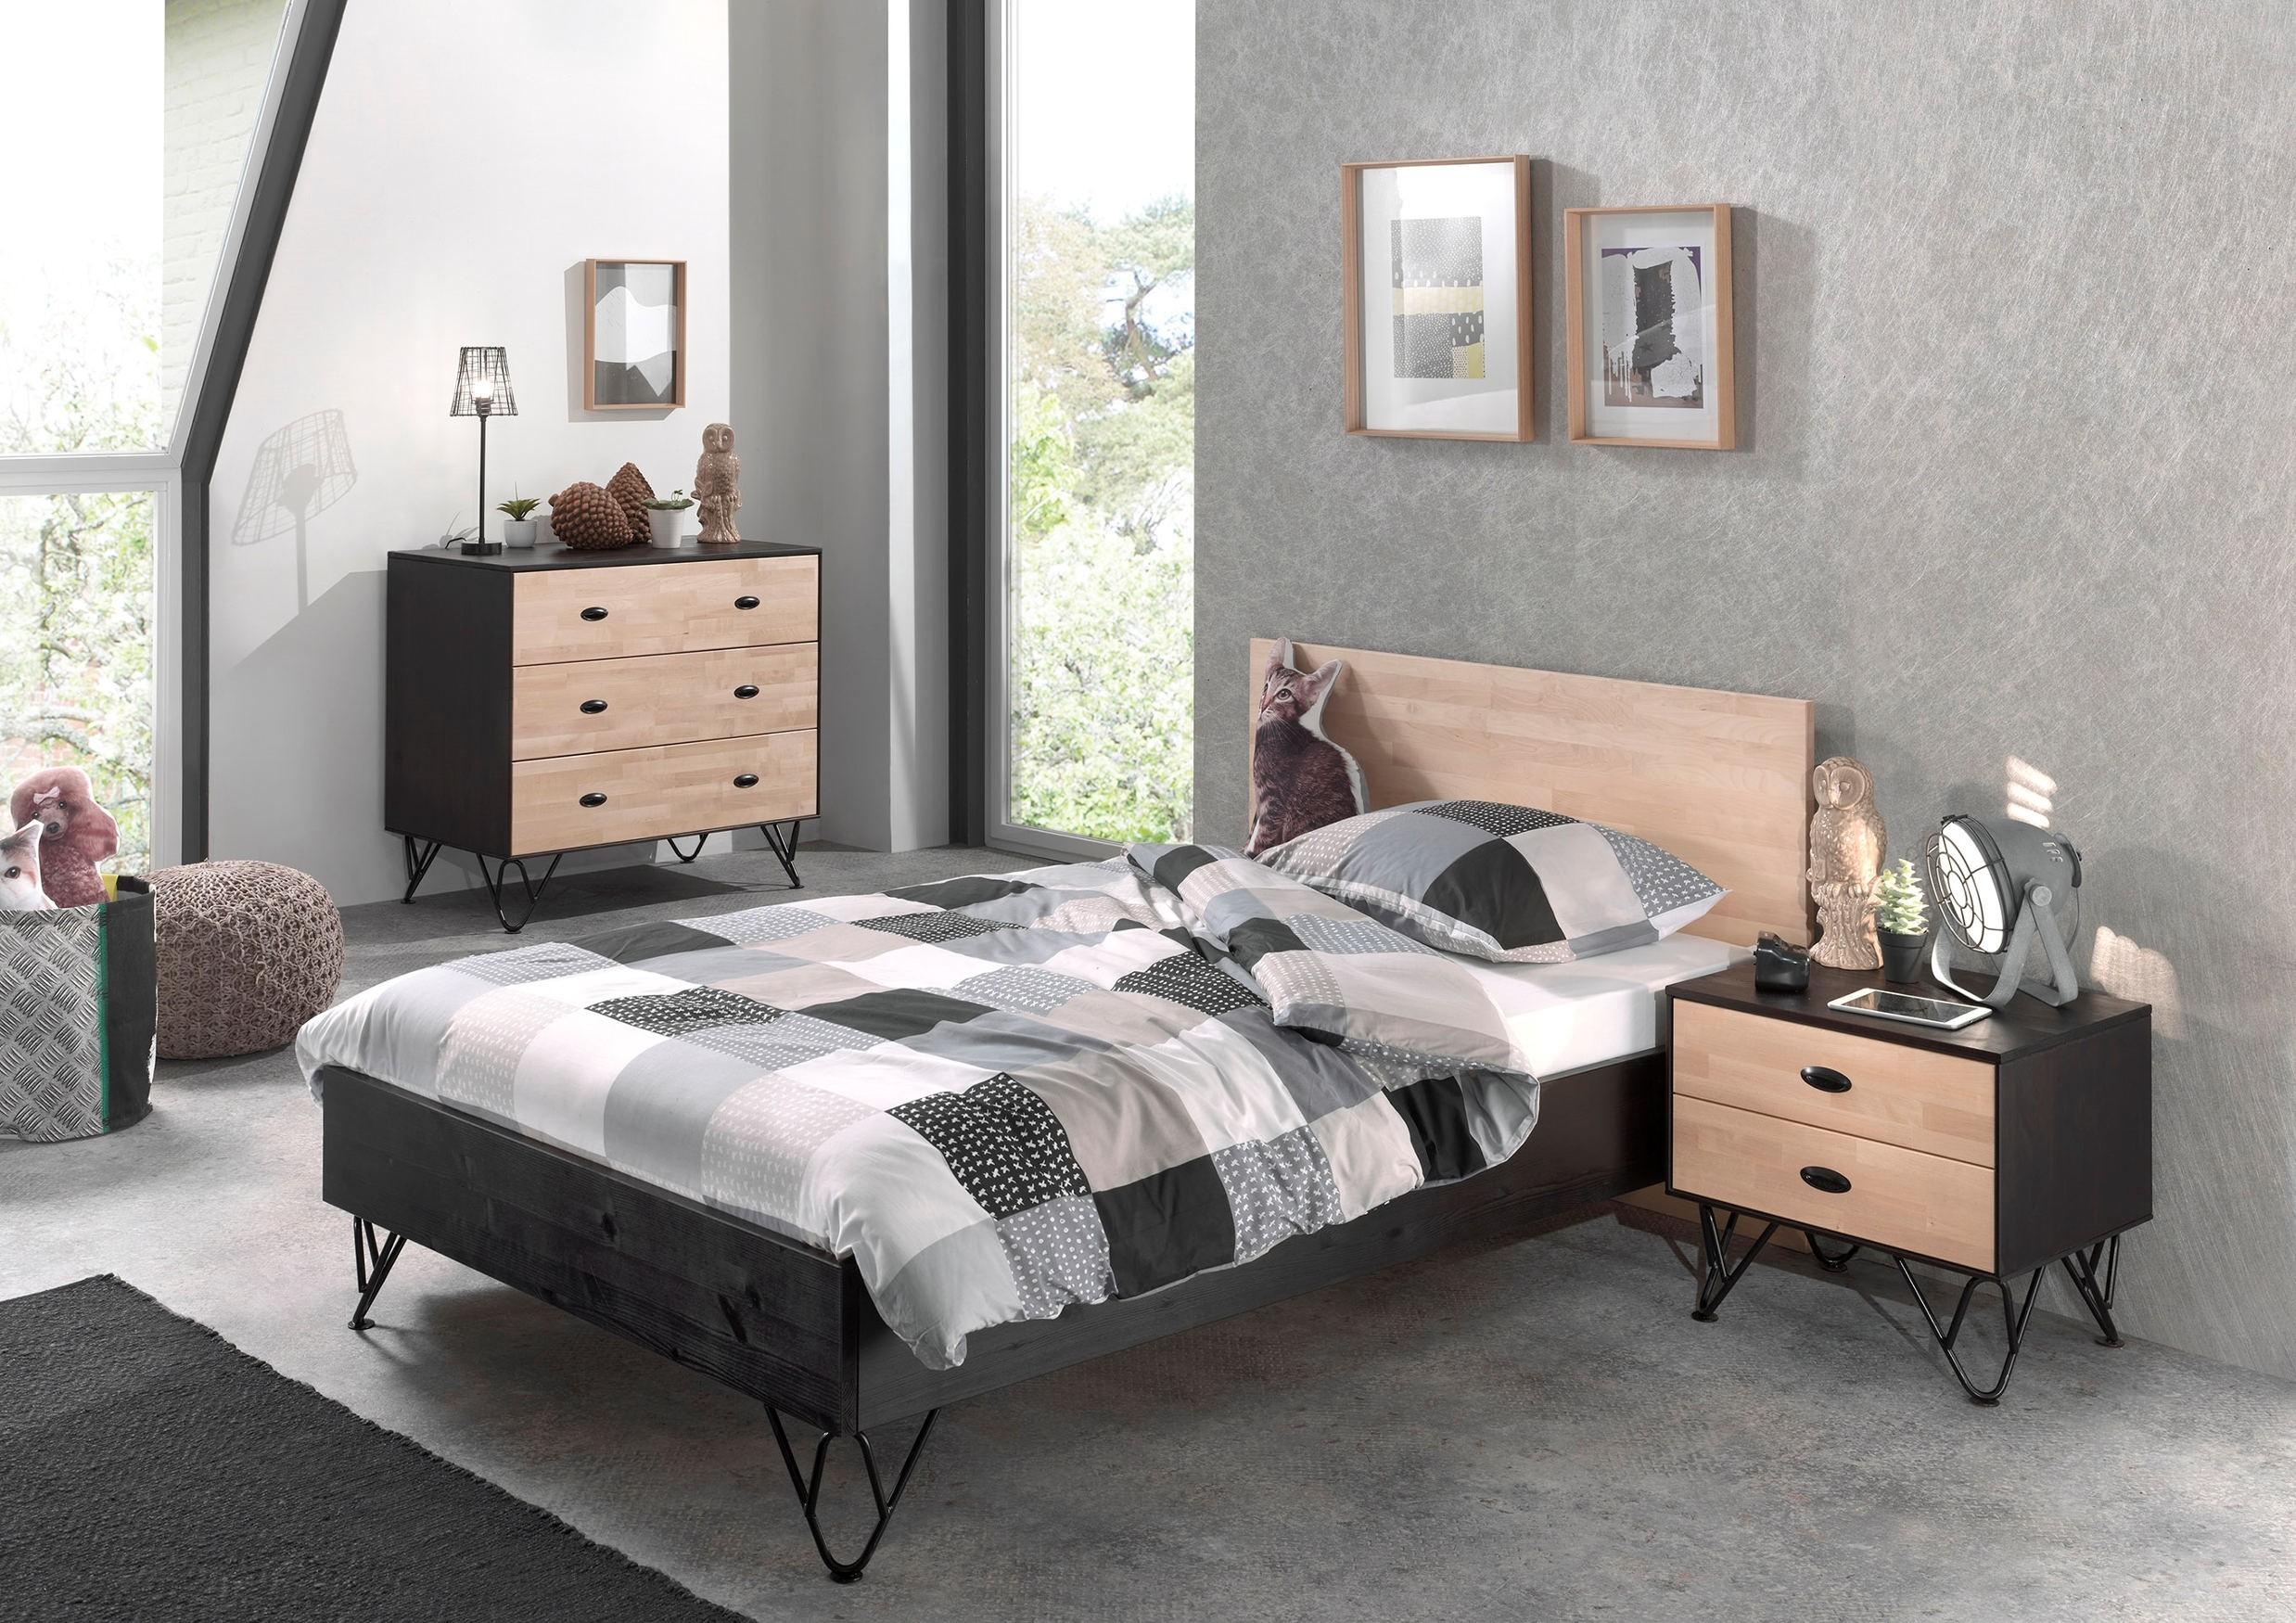 Sympathisch Bett Jugendzimmer Ideen Von William - 120 X 200 Cm, Kommode,